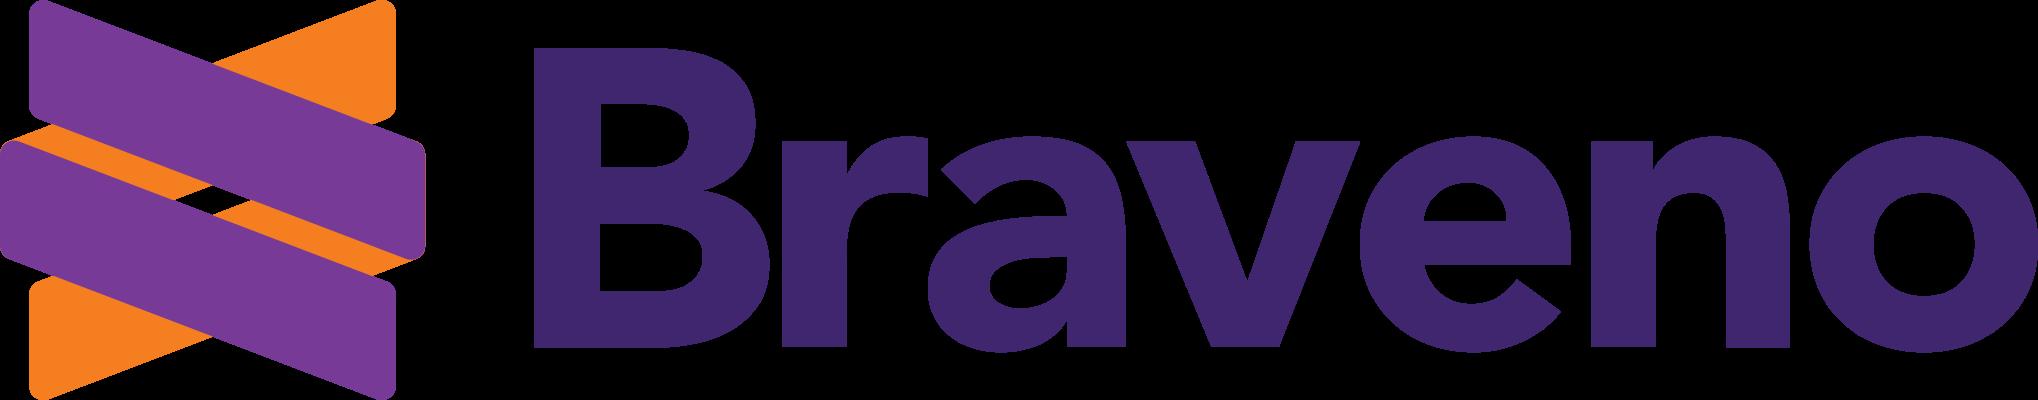 Braveno logo